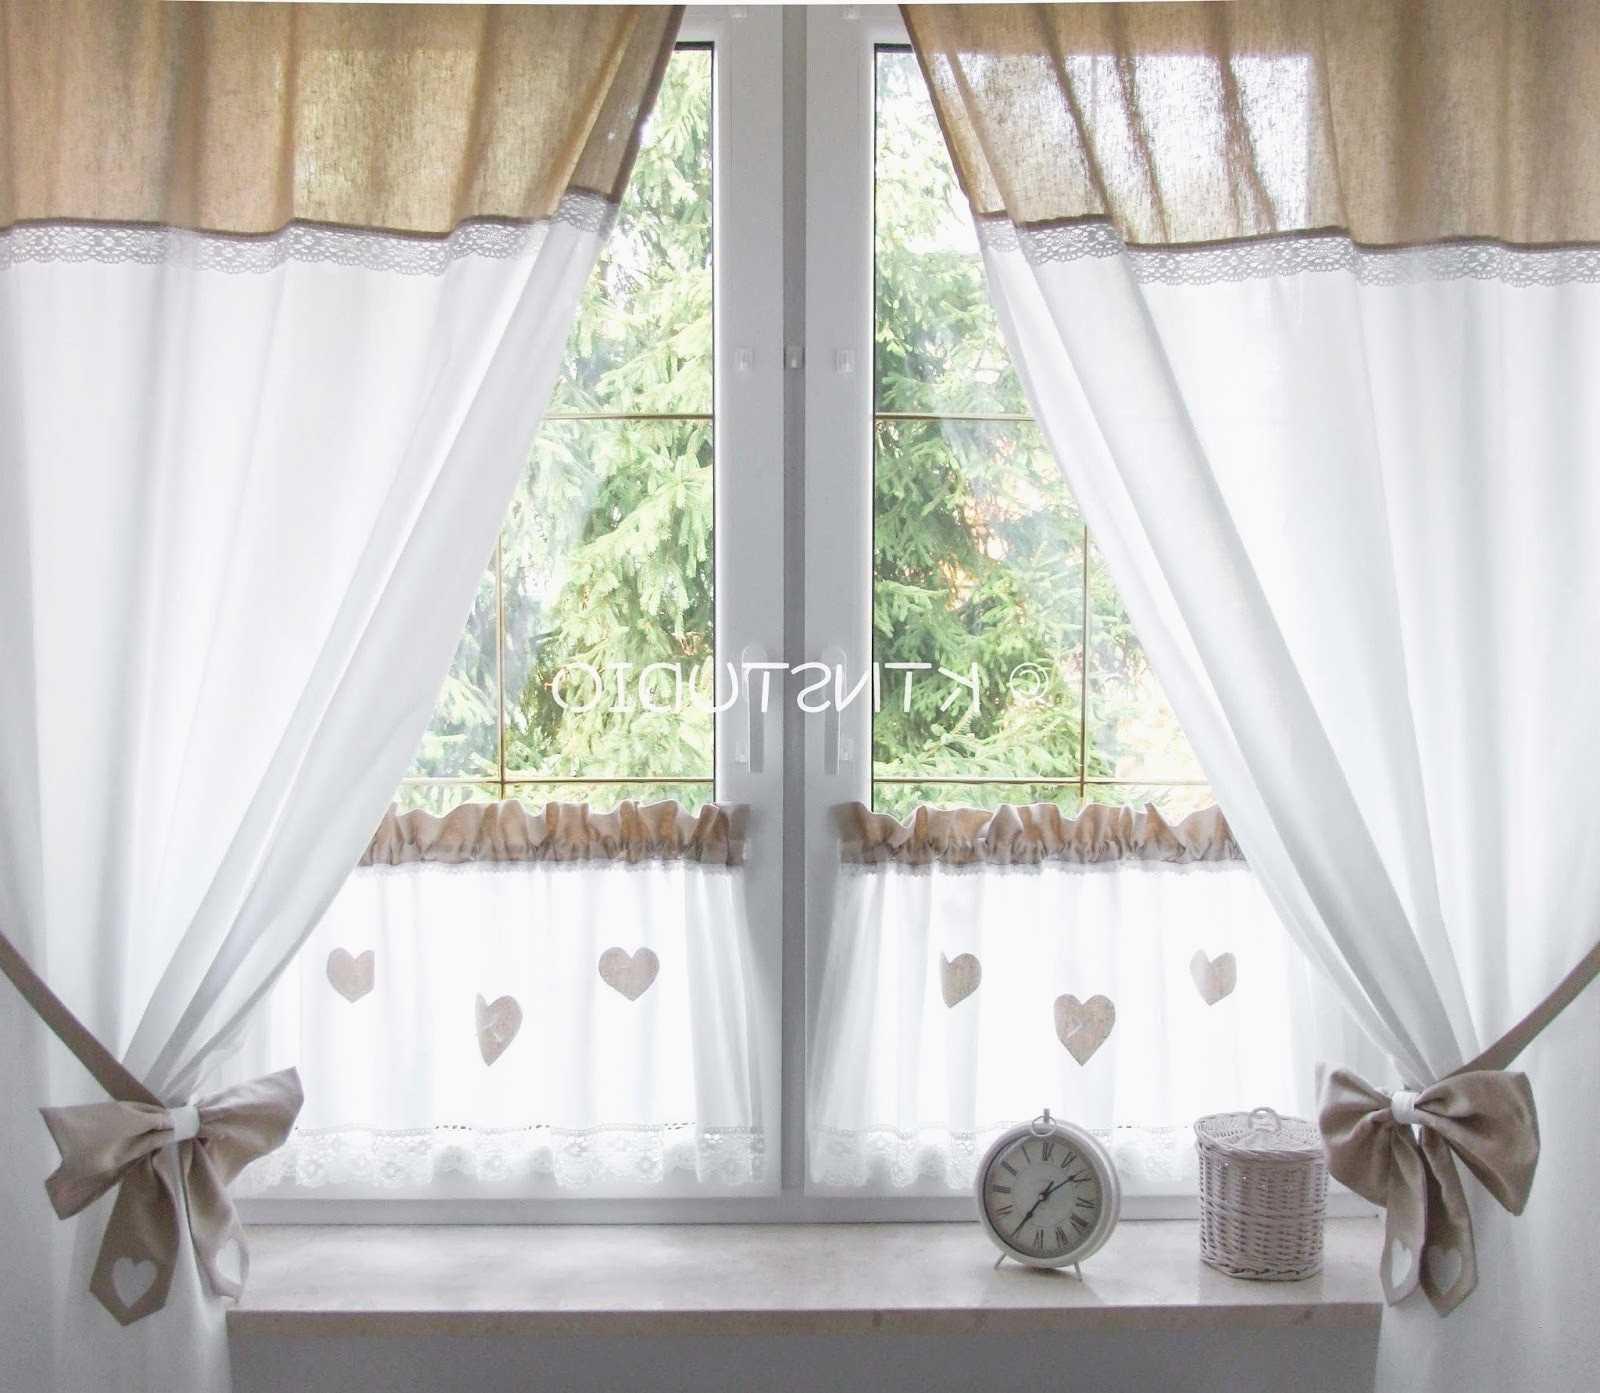 Full Size of Gardinen Küchenfenster Modern Kuche Für Küche Schlafzimmer Wohnzimmer Fenster Scheibengardinen Die Wohnzimmer Gardinen Küchenfenster